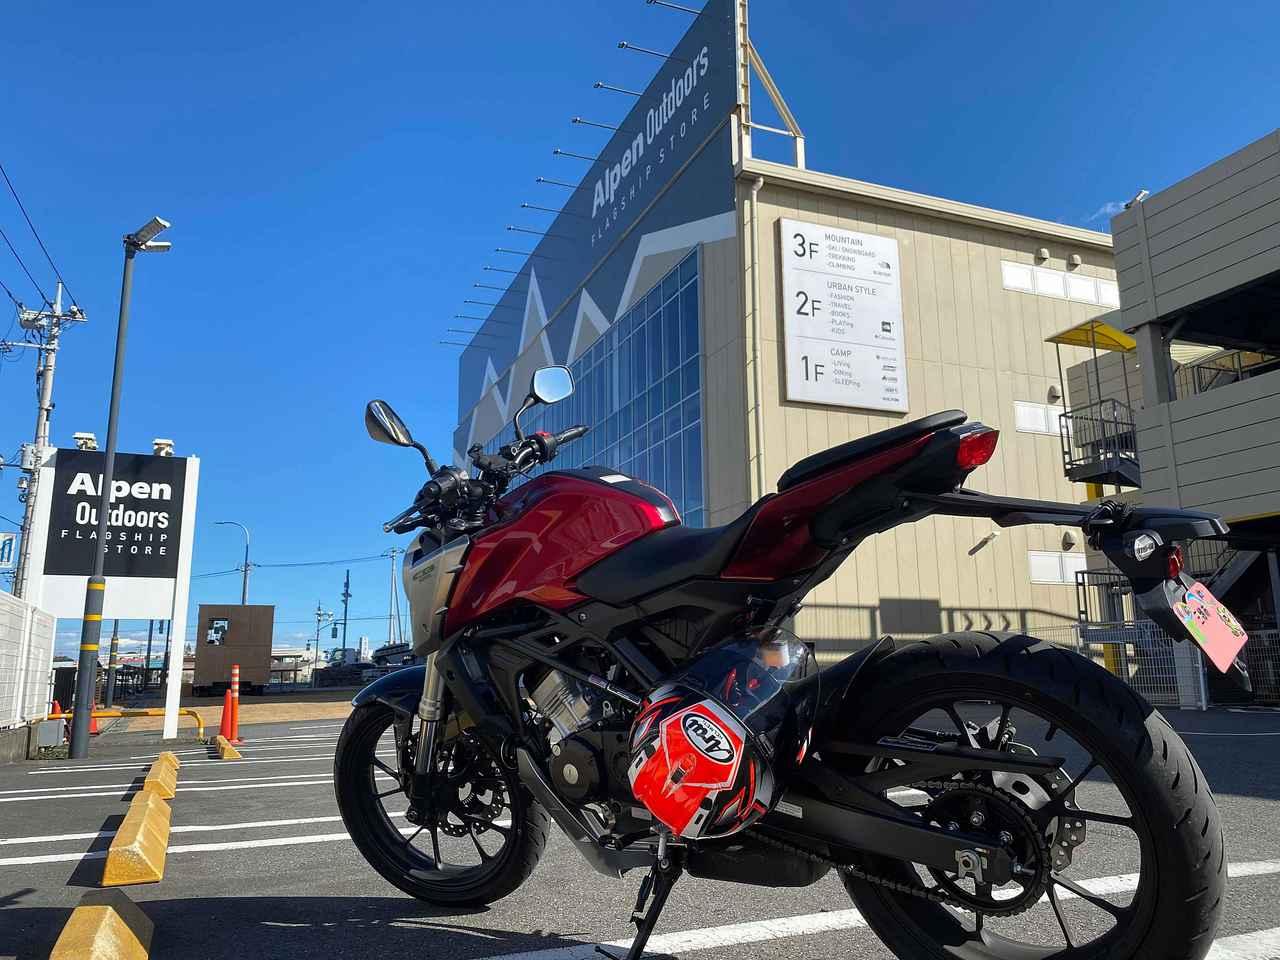 画像: 千葉県柏市の国道16号線沿いにあるアルペンアウトドアーズフラッグシップストア 立体駐車場の奥にちゃんと駐輪場がありました。安心安心♪